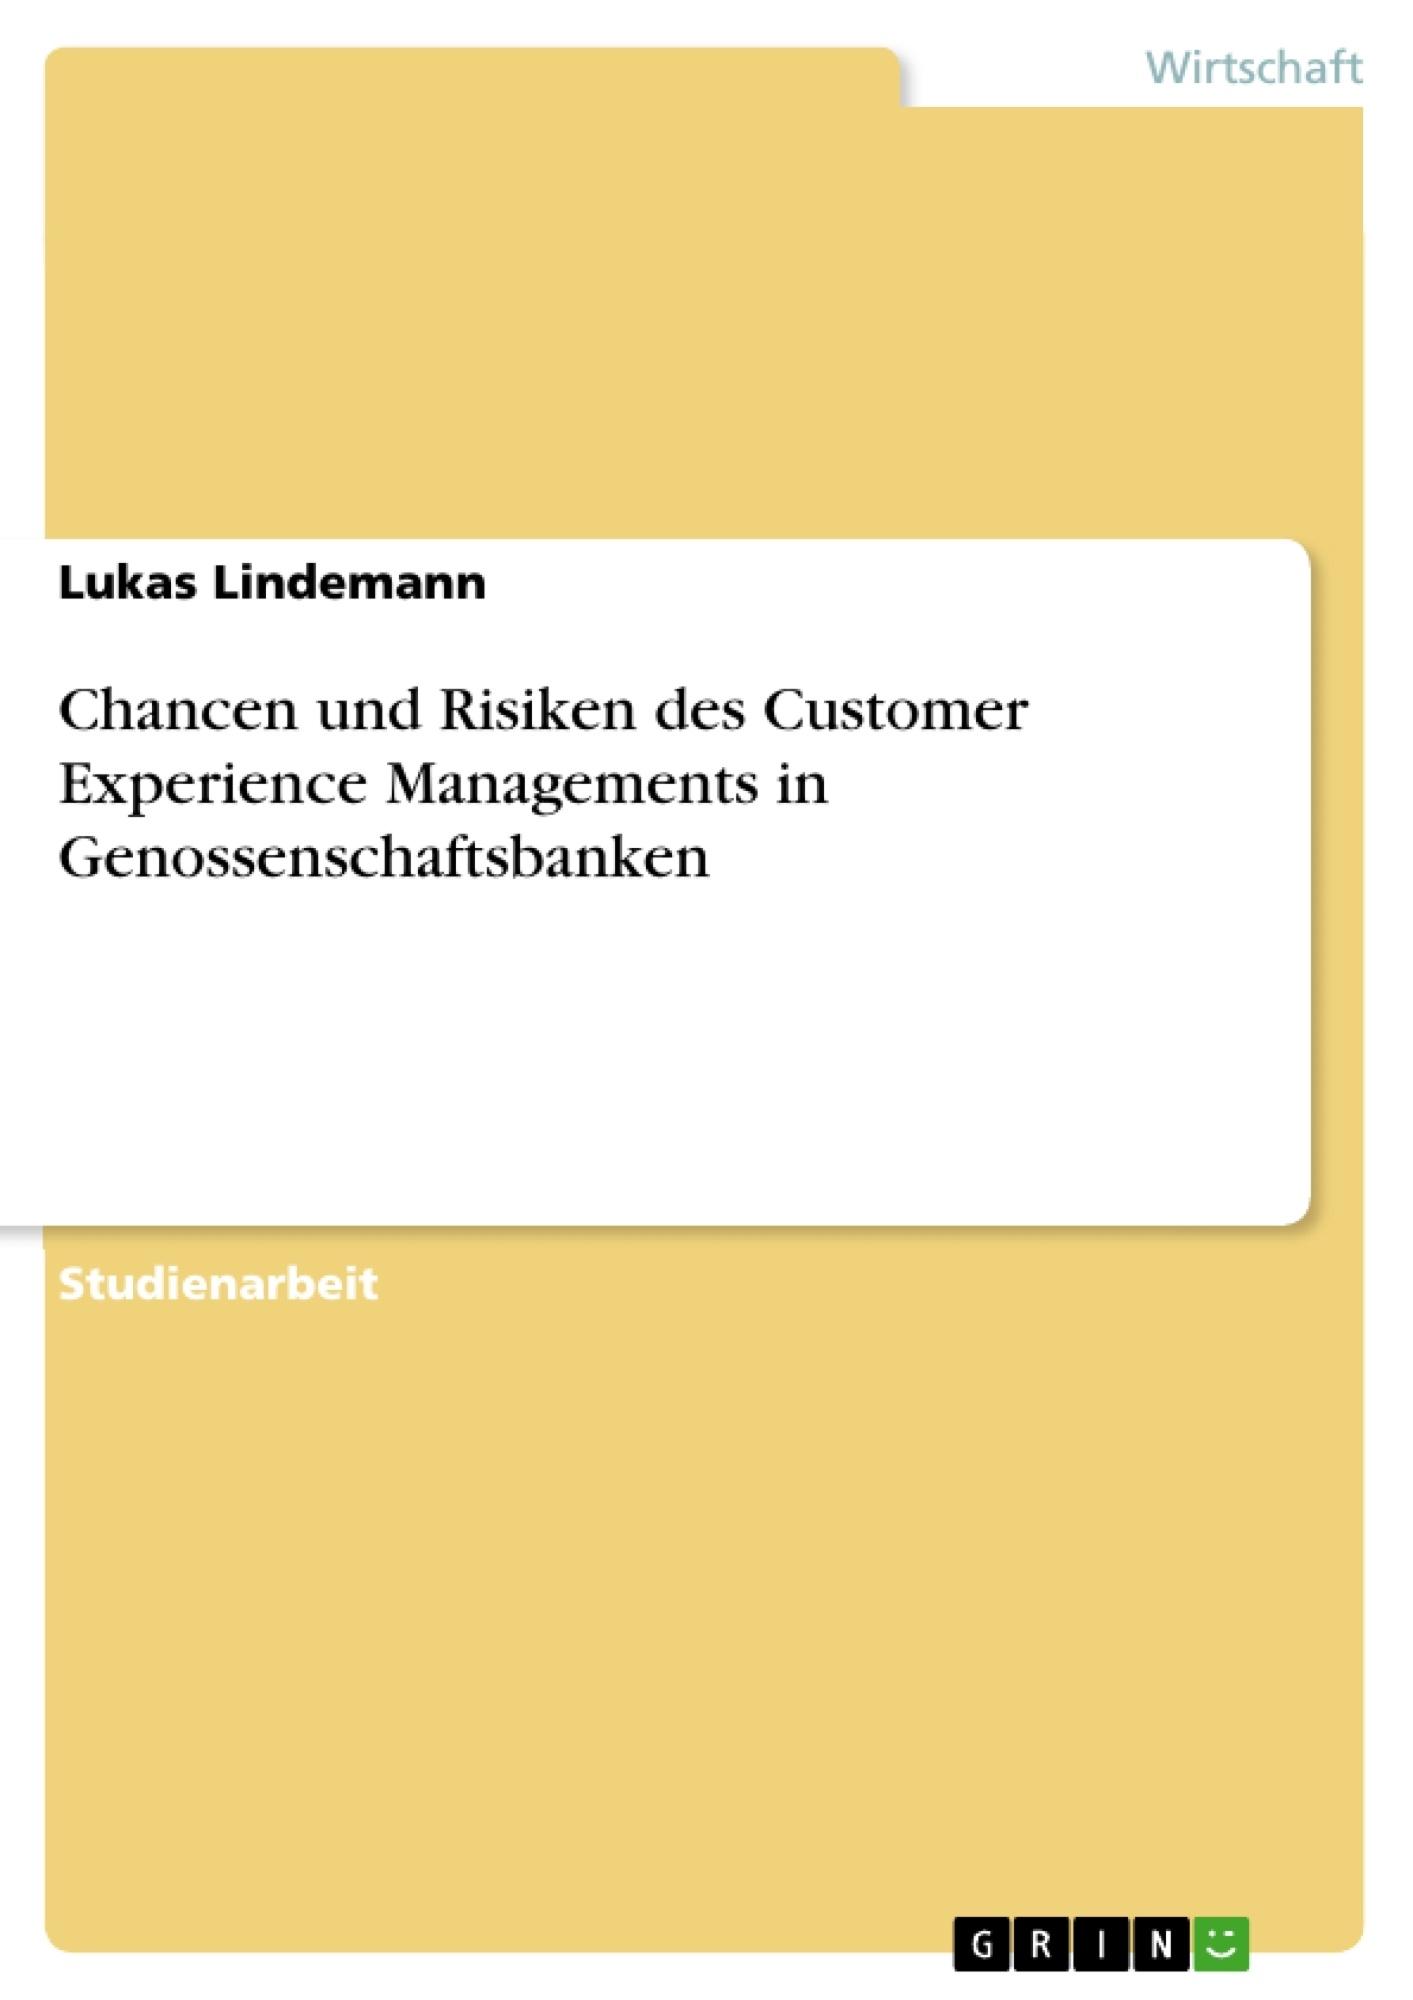 Titel: Chancen und Risiken des Customer Experience Managements in Genossenschaftsbanken